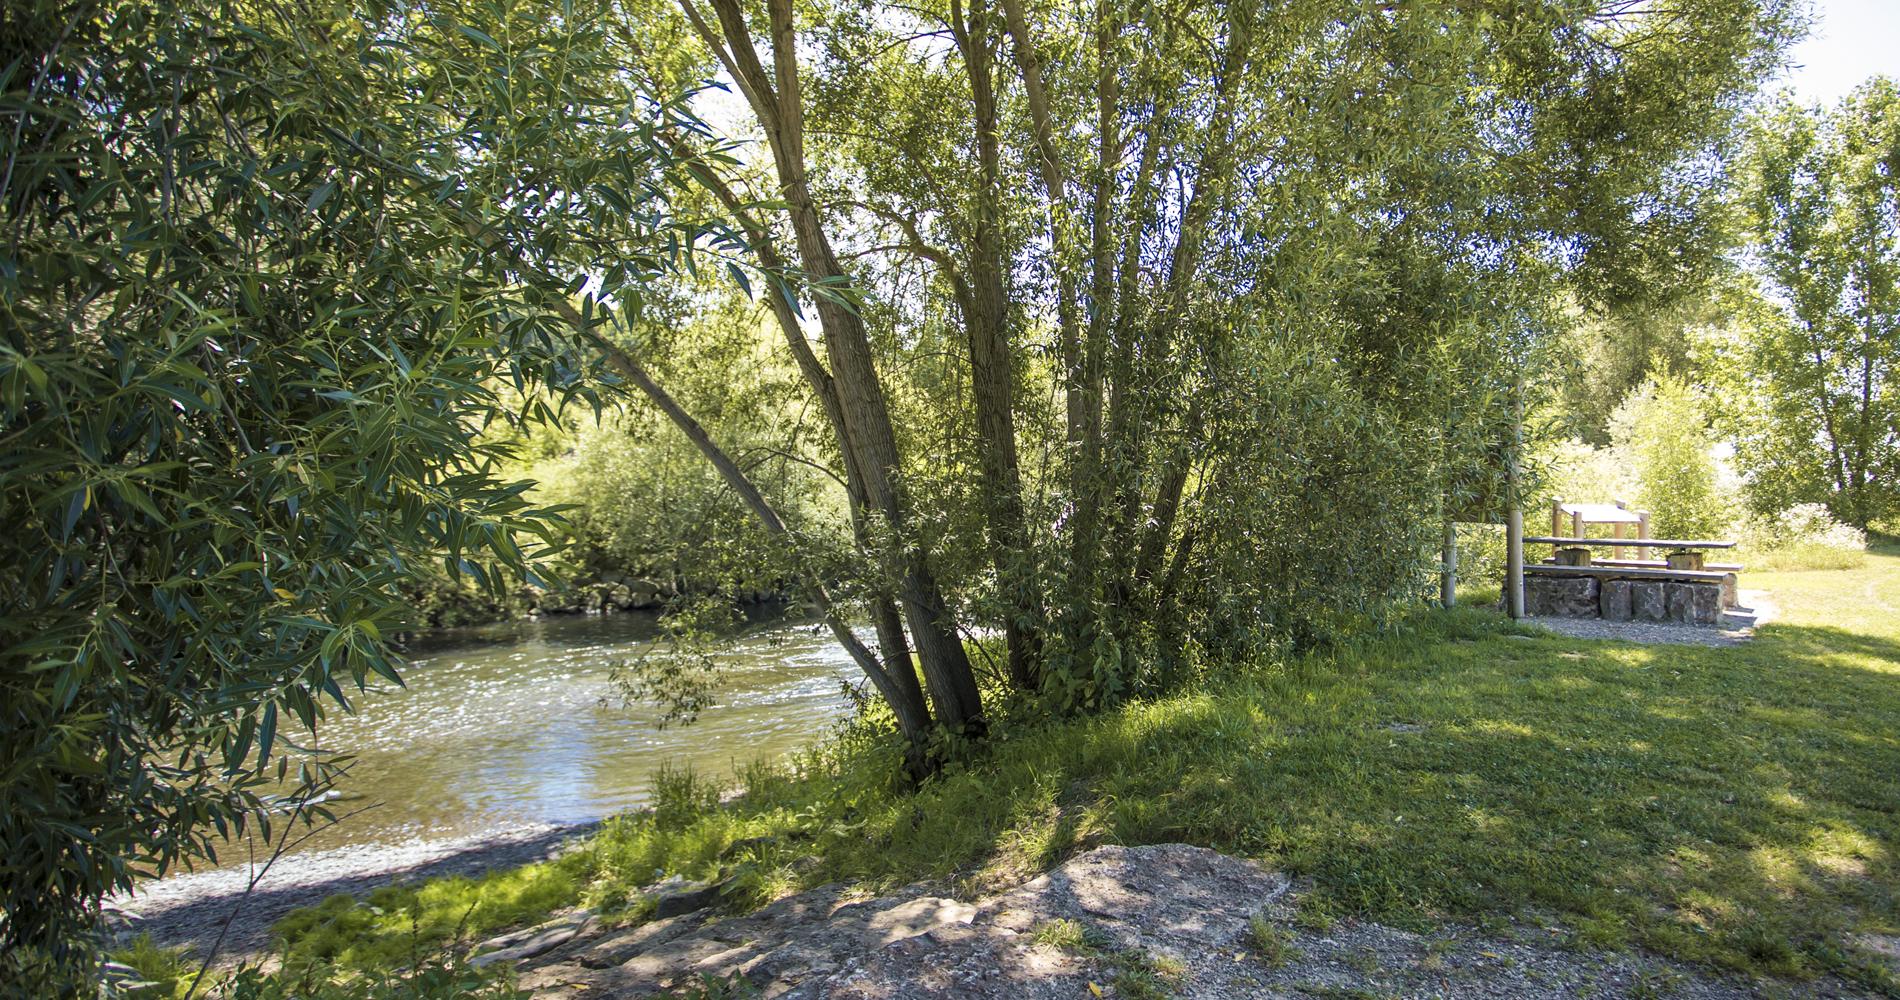 Auf einer rund 5 Kilometer langen Route bietet der GIEP-Erlebnispfad Interessantes rund um die Themen Wasser und Gewässer.